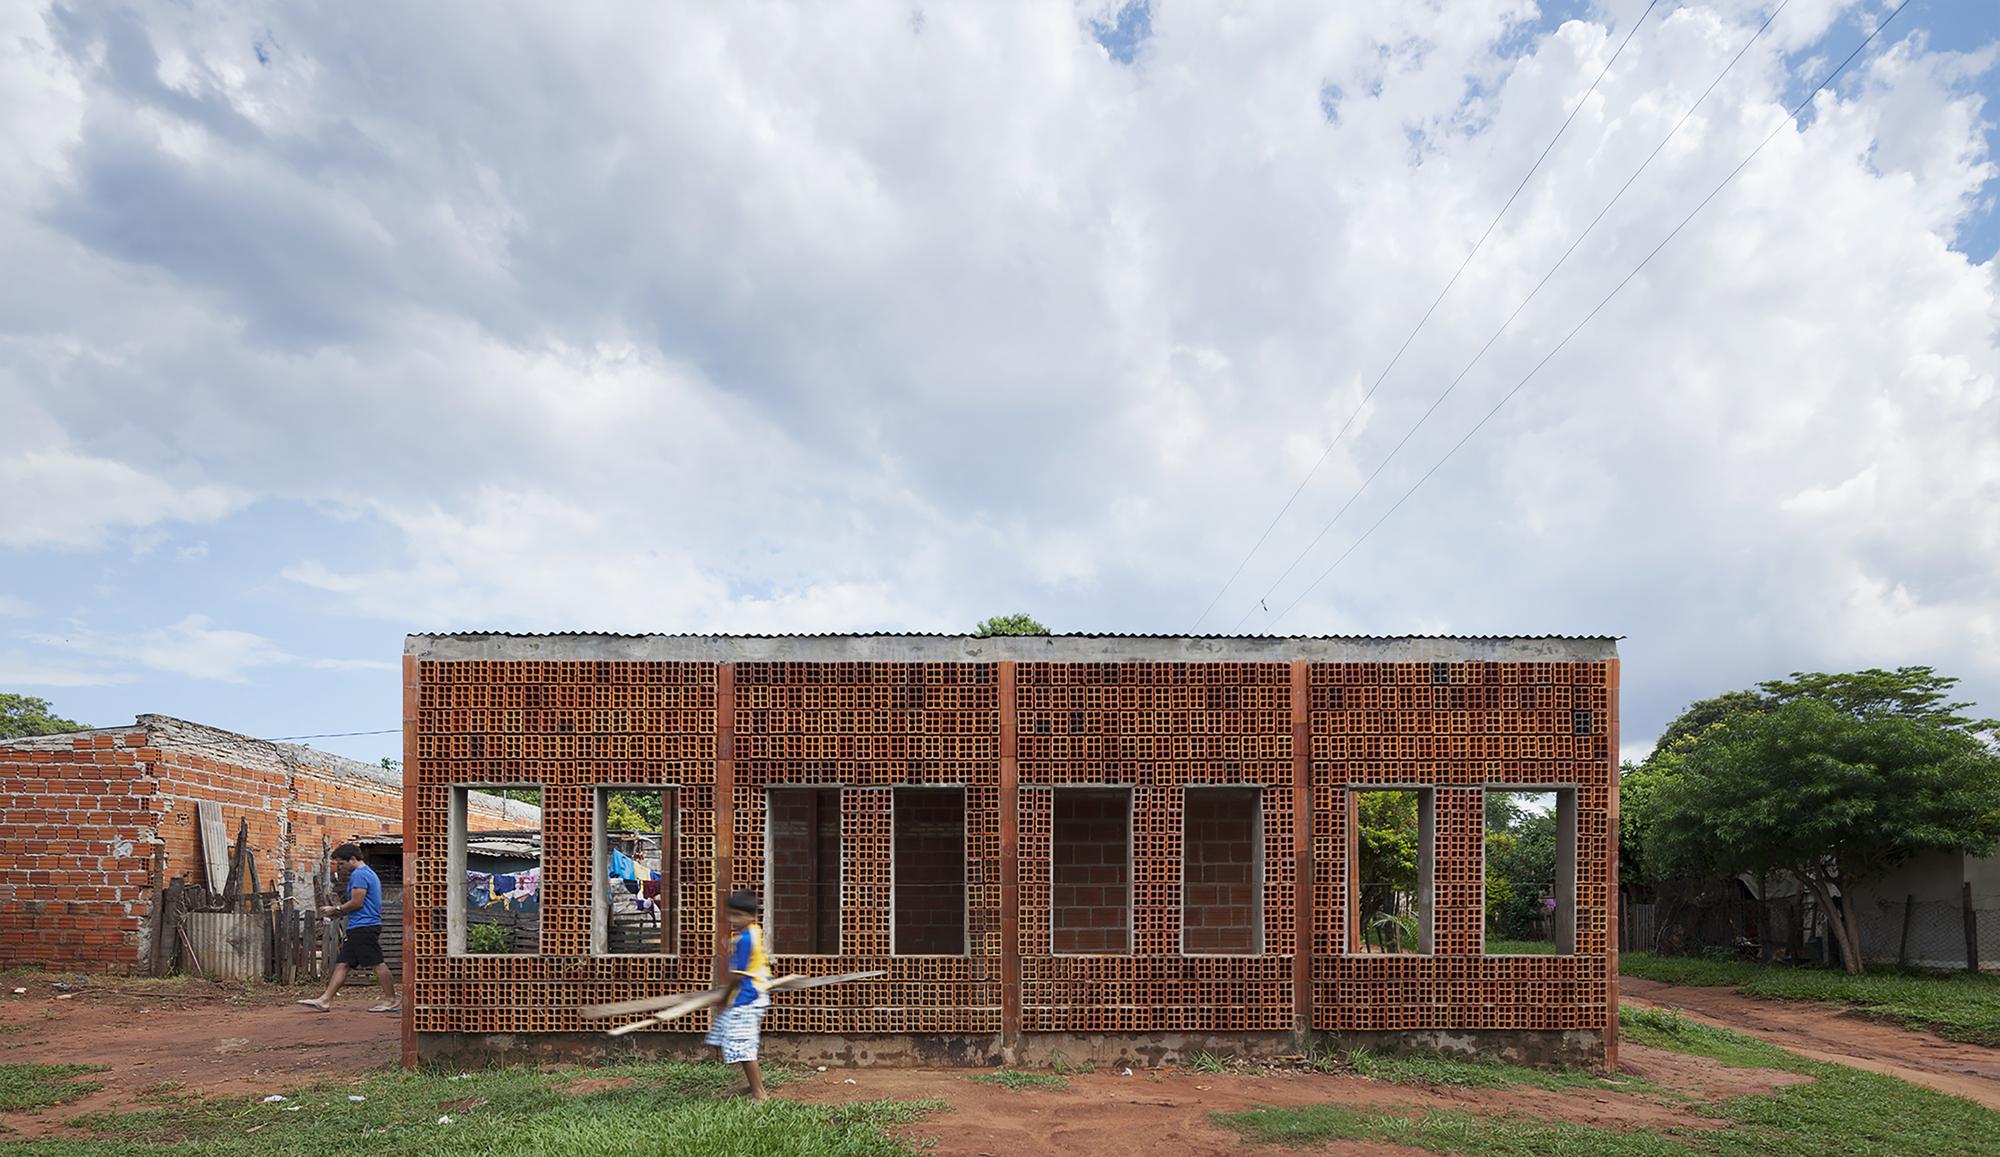 Centro de desarrollo comunitario oca bonini Arquitectura de desarrollo